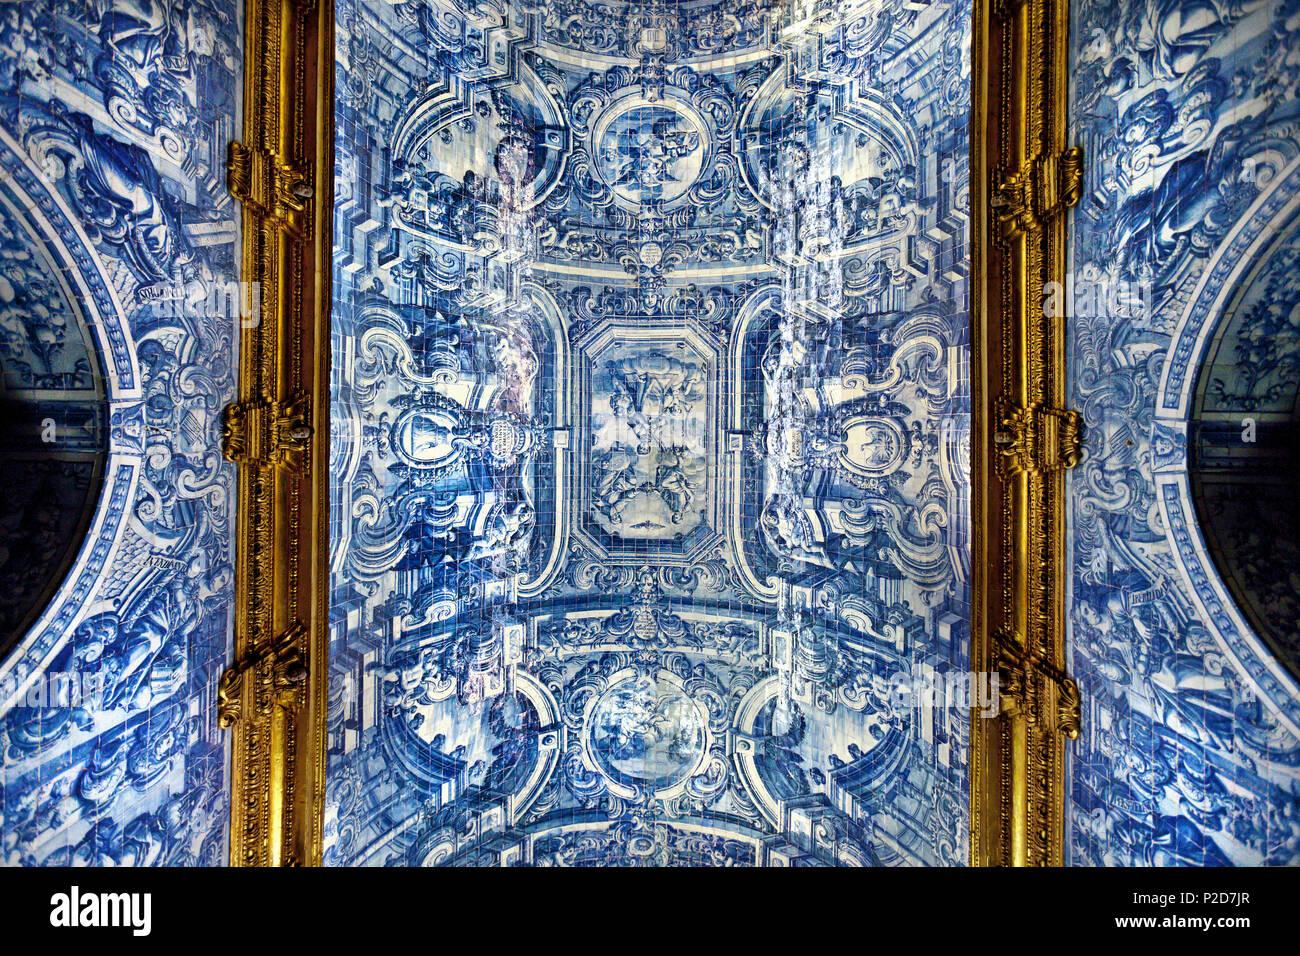 Tiles Azulejos, church Igrja de Sao Laurenco, Almancil, Algarve, Portugal - Stock Image